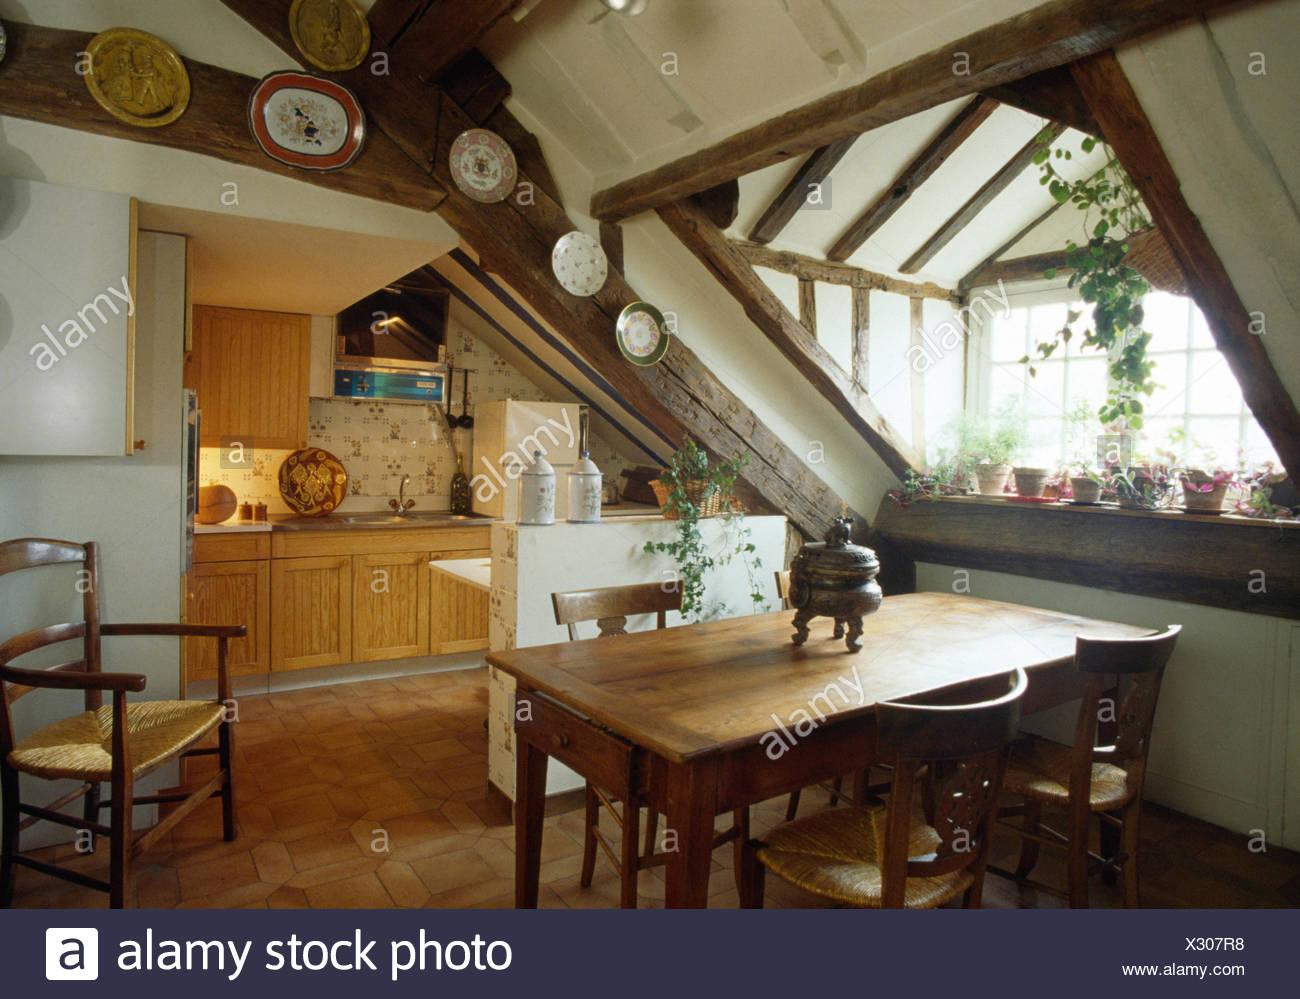 Einfache Kiefer Tisch und Stühle im Dachgeschoss Küche Esszimmer ...